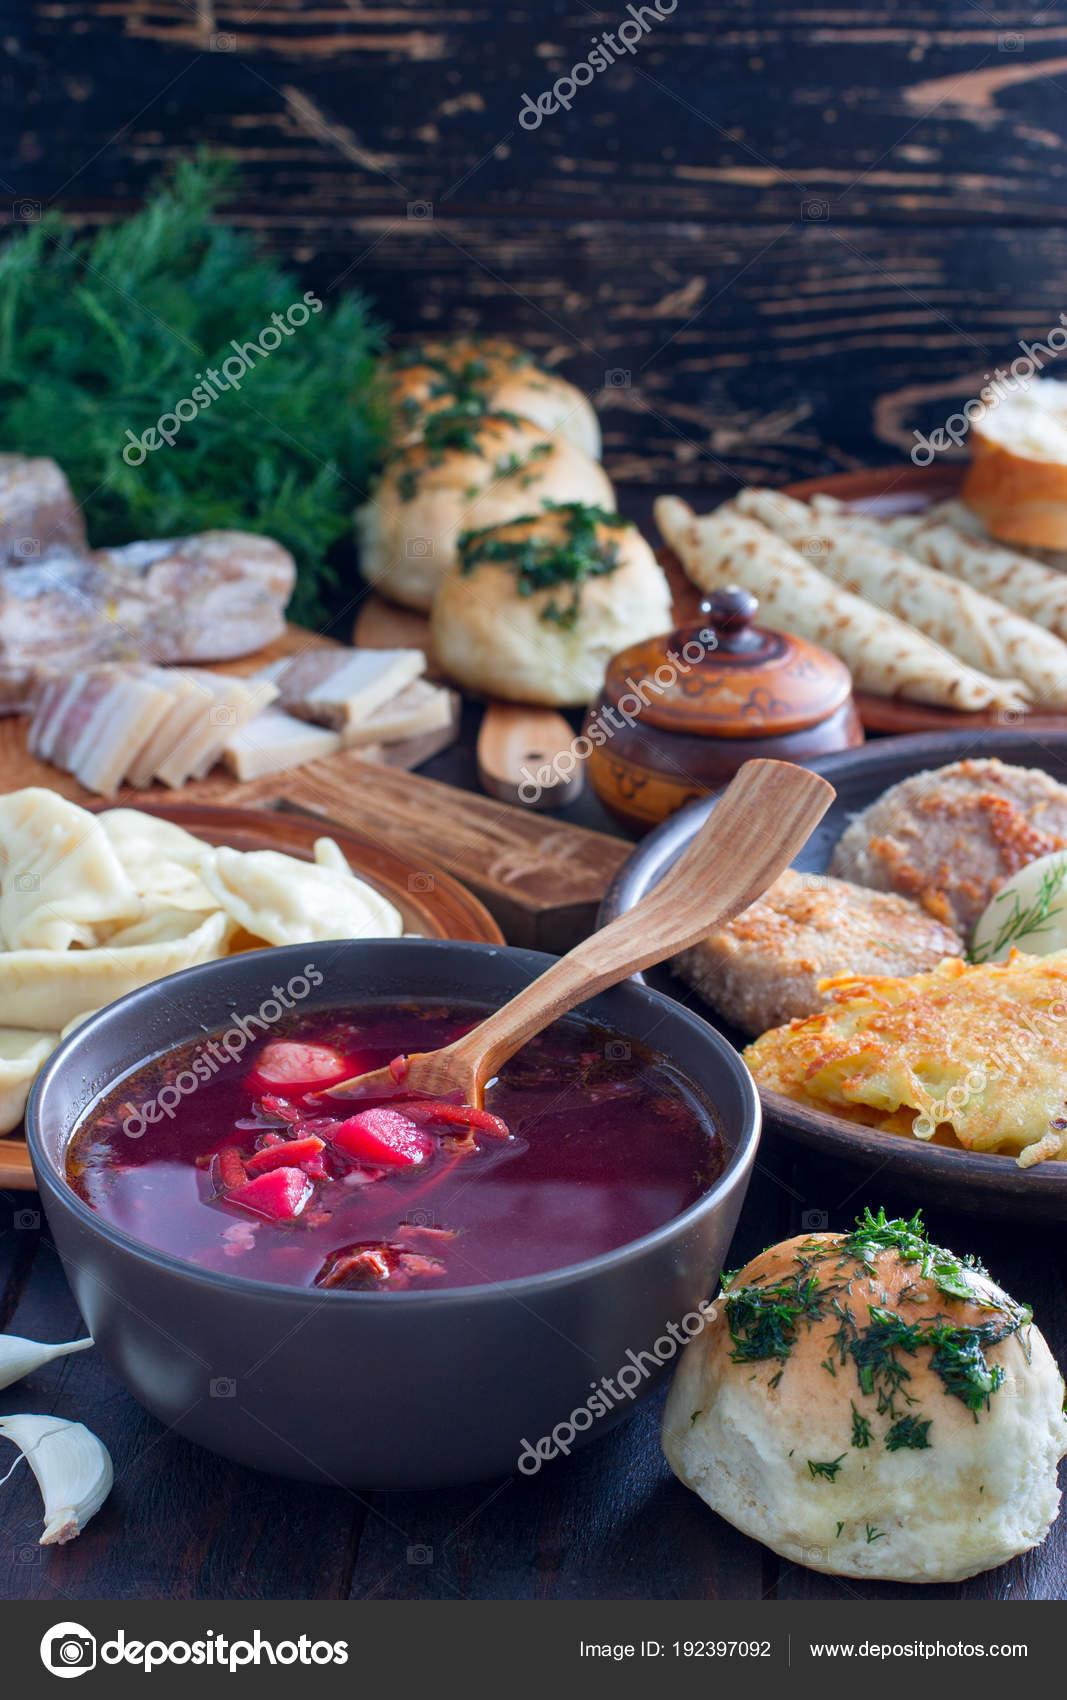 Une Cuisine Traditionnelle Dans La Cuisine Ukrainienne Borchtch